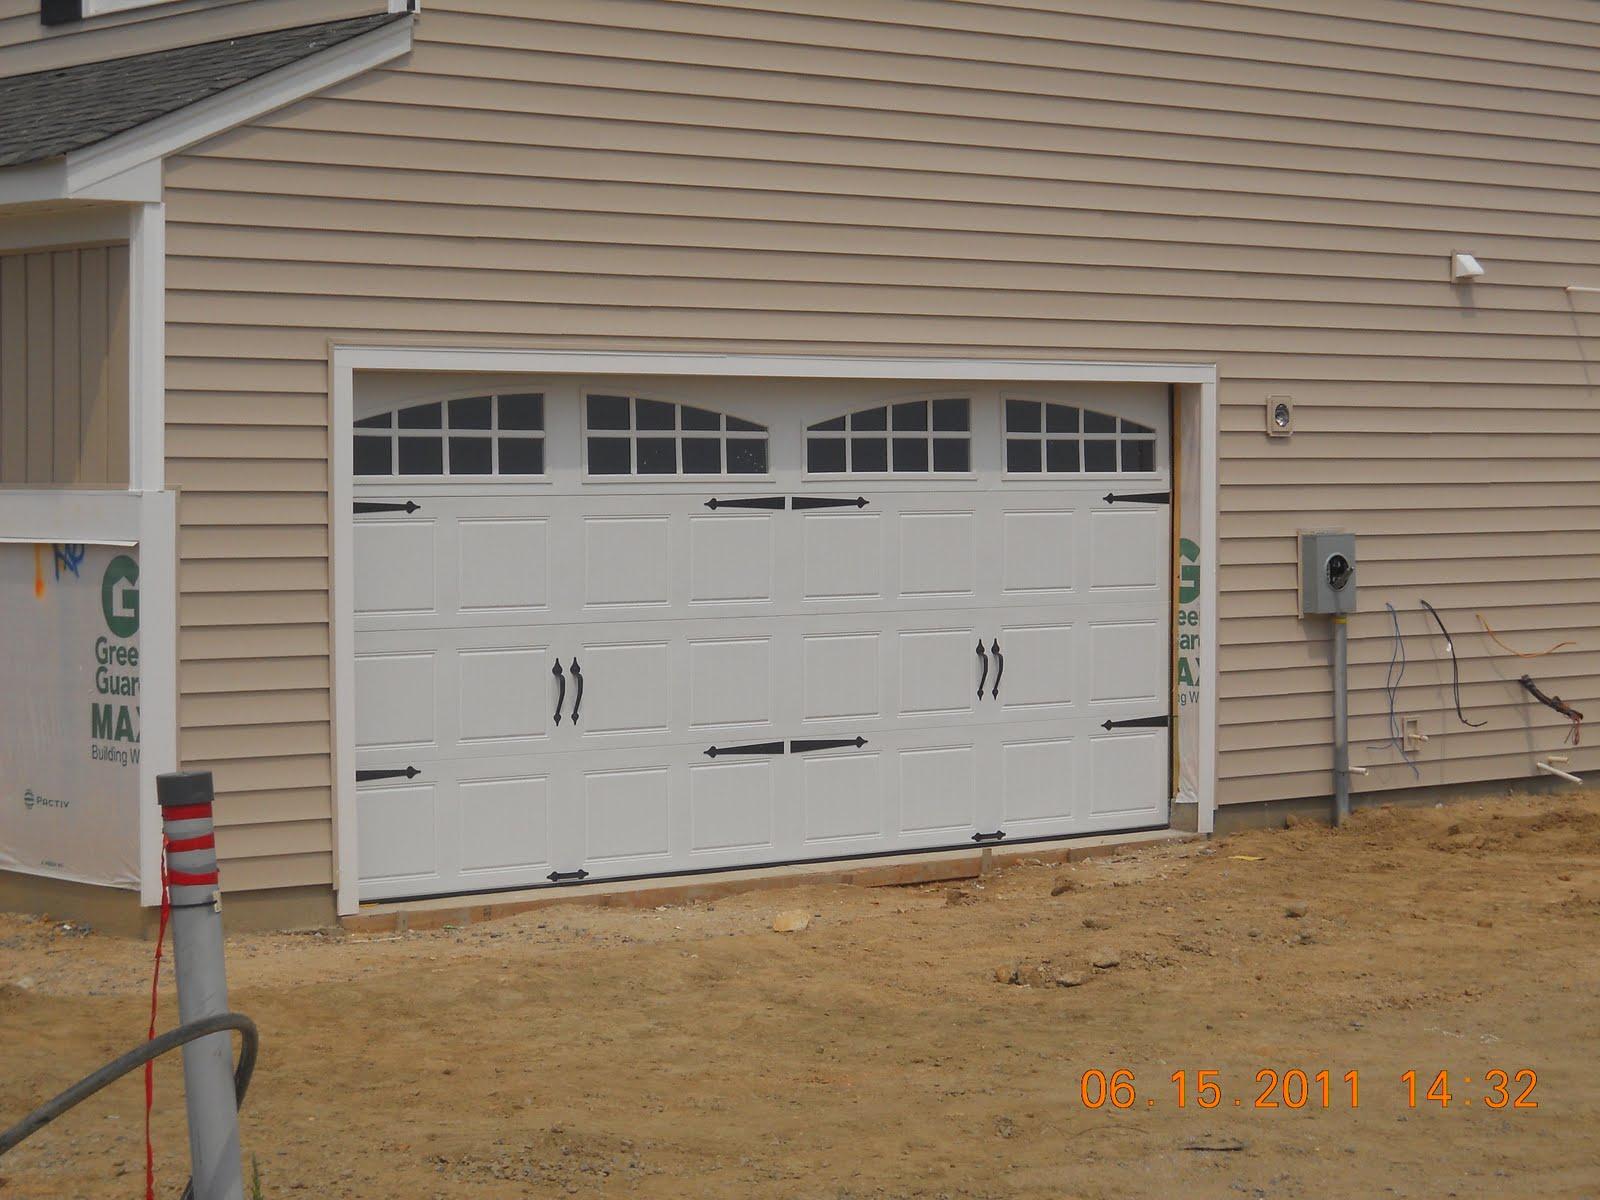 1200 #B45F17  : Building With Ryan Homes: Siding Is Complete Garage Door Is In wallpaper Complete Garage Doors 36251600